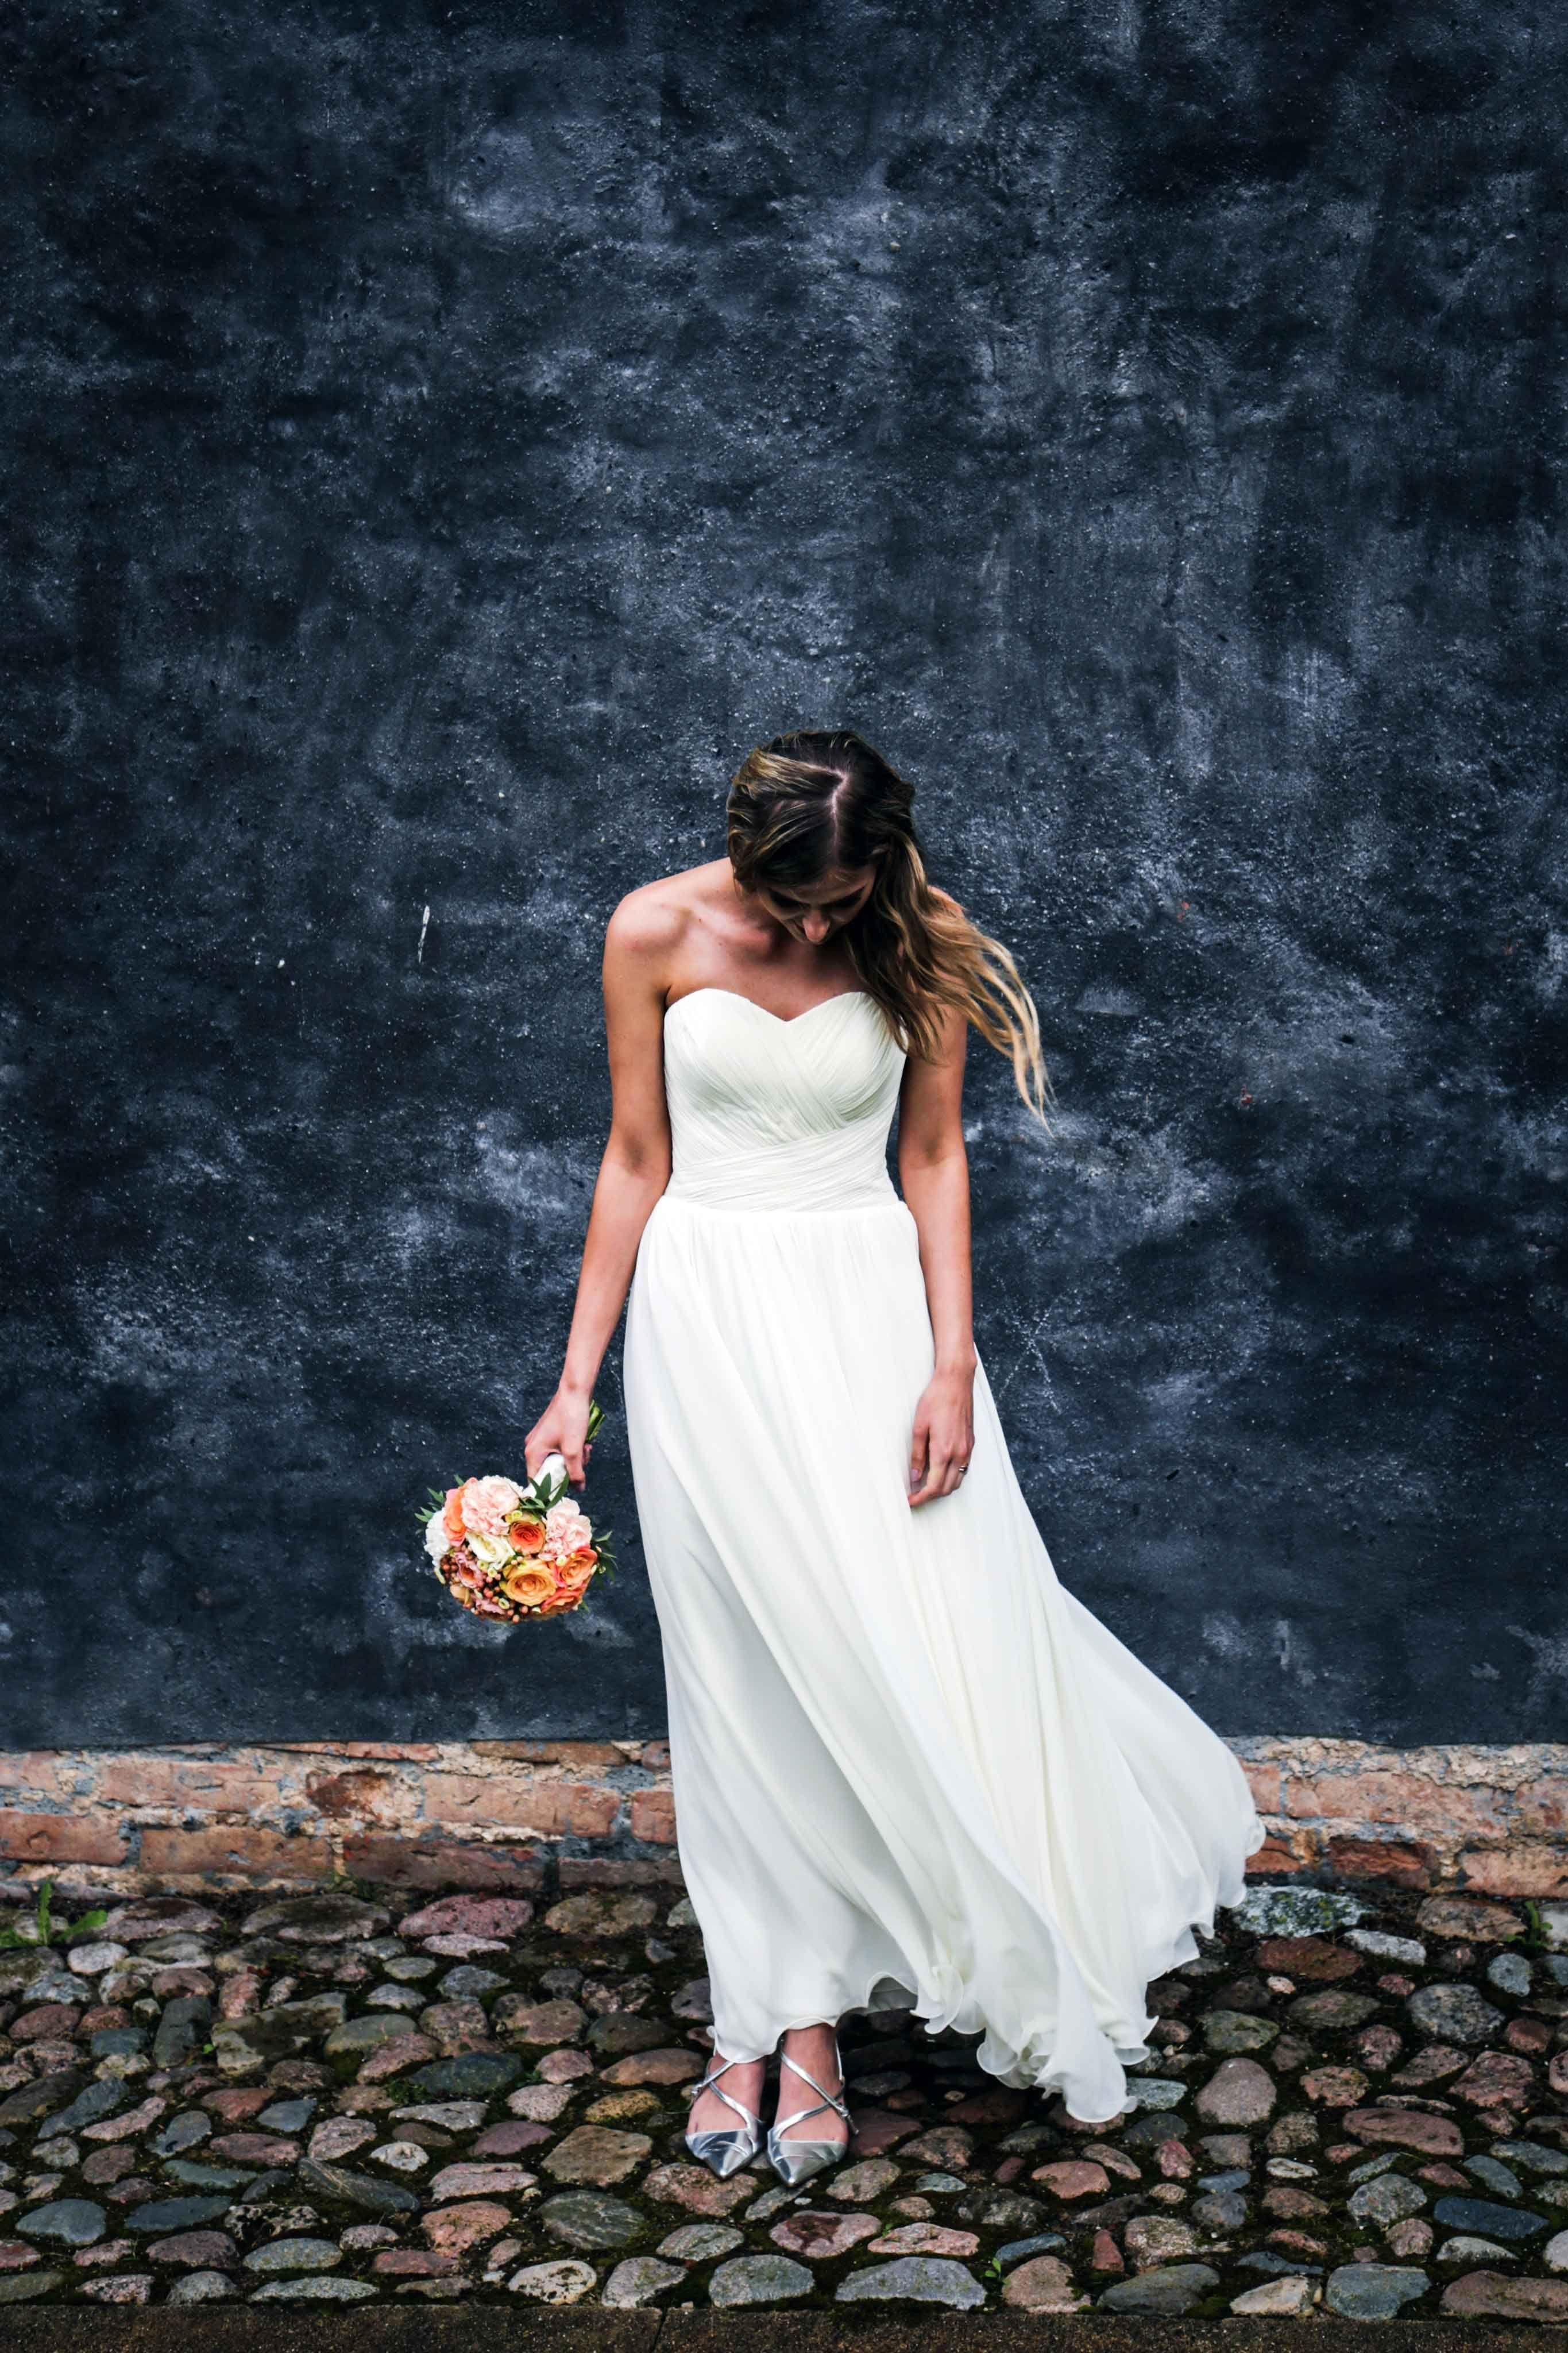 Brautkleid kaufen: Mit diesen Tipps findet ihr das perfekte Kleid ...